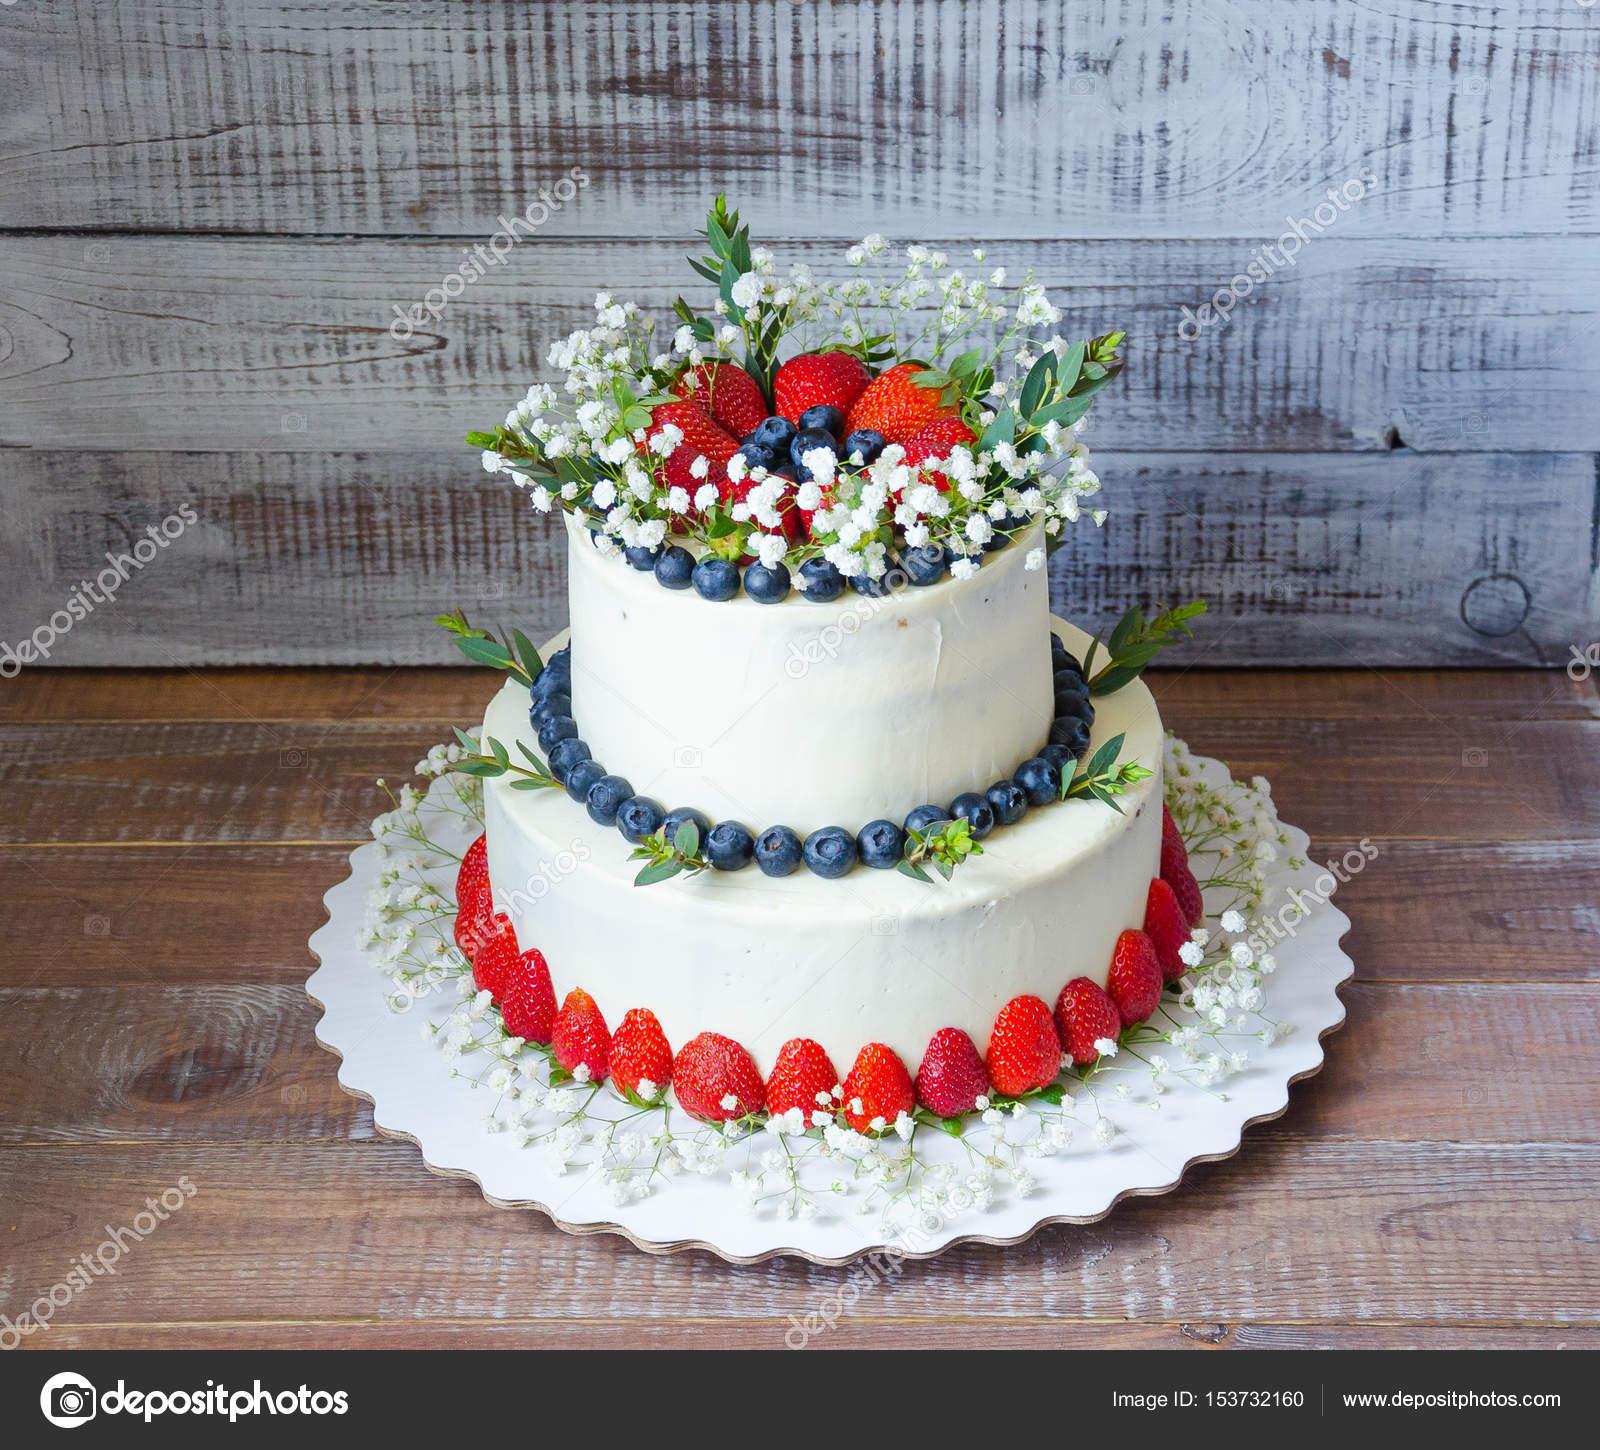 Zwei Klassen Frischkase Hochzeitstorte Mit Heidelbeeren Und